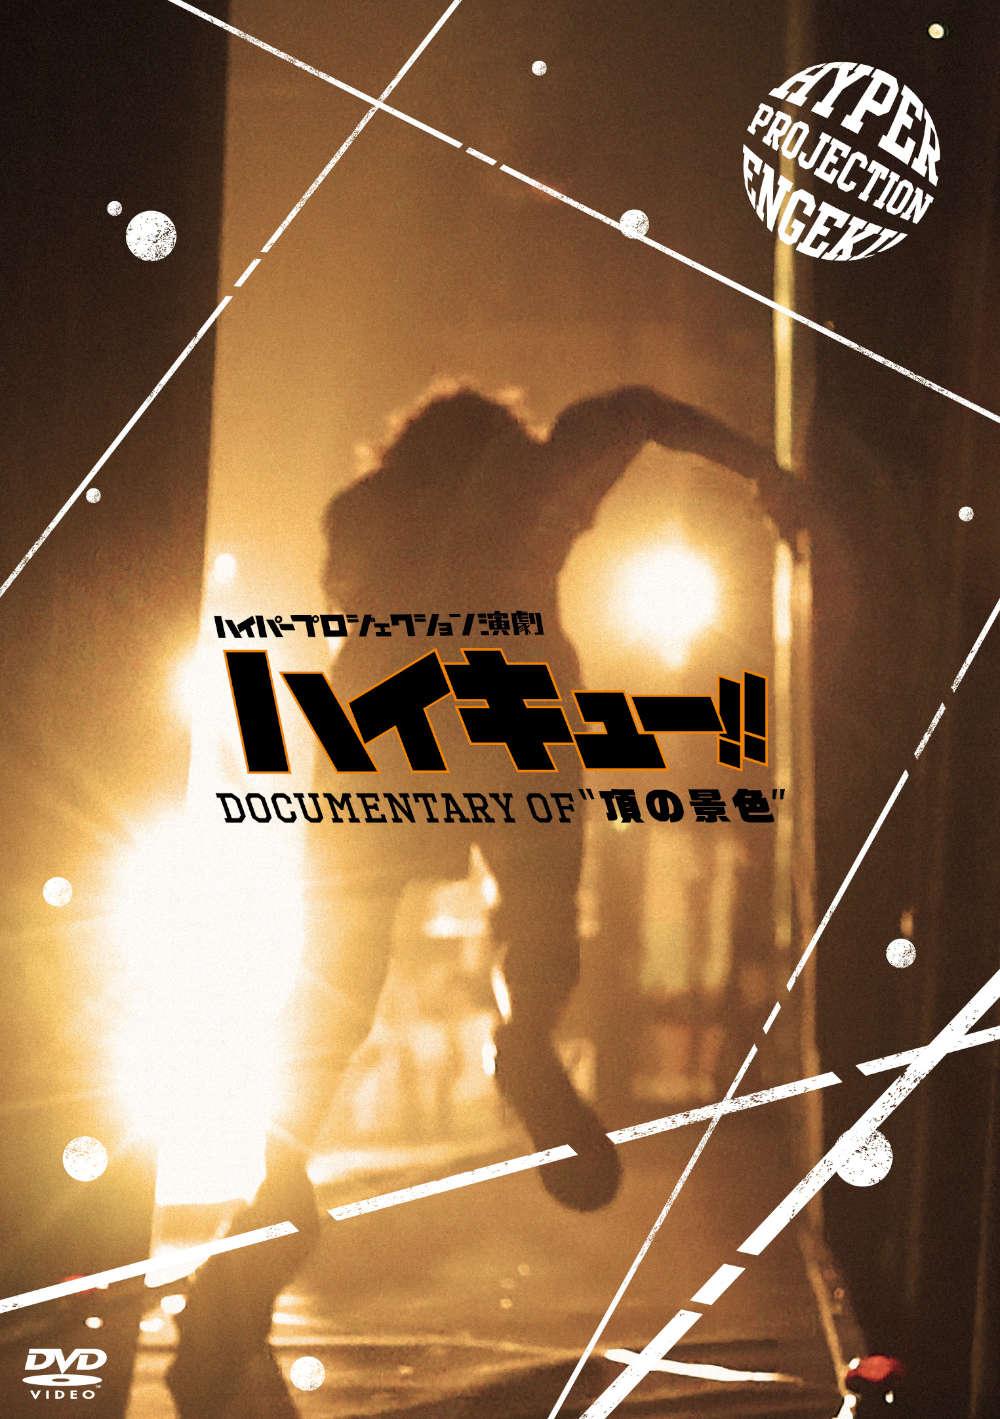 """ハイパープロジェクション演劇「ハイキュー!!」Documentary of """"頂の景色"""" DVD"""